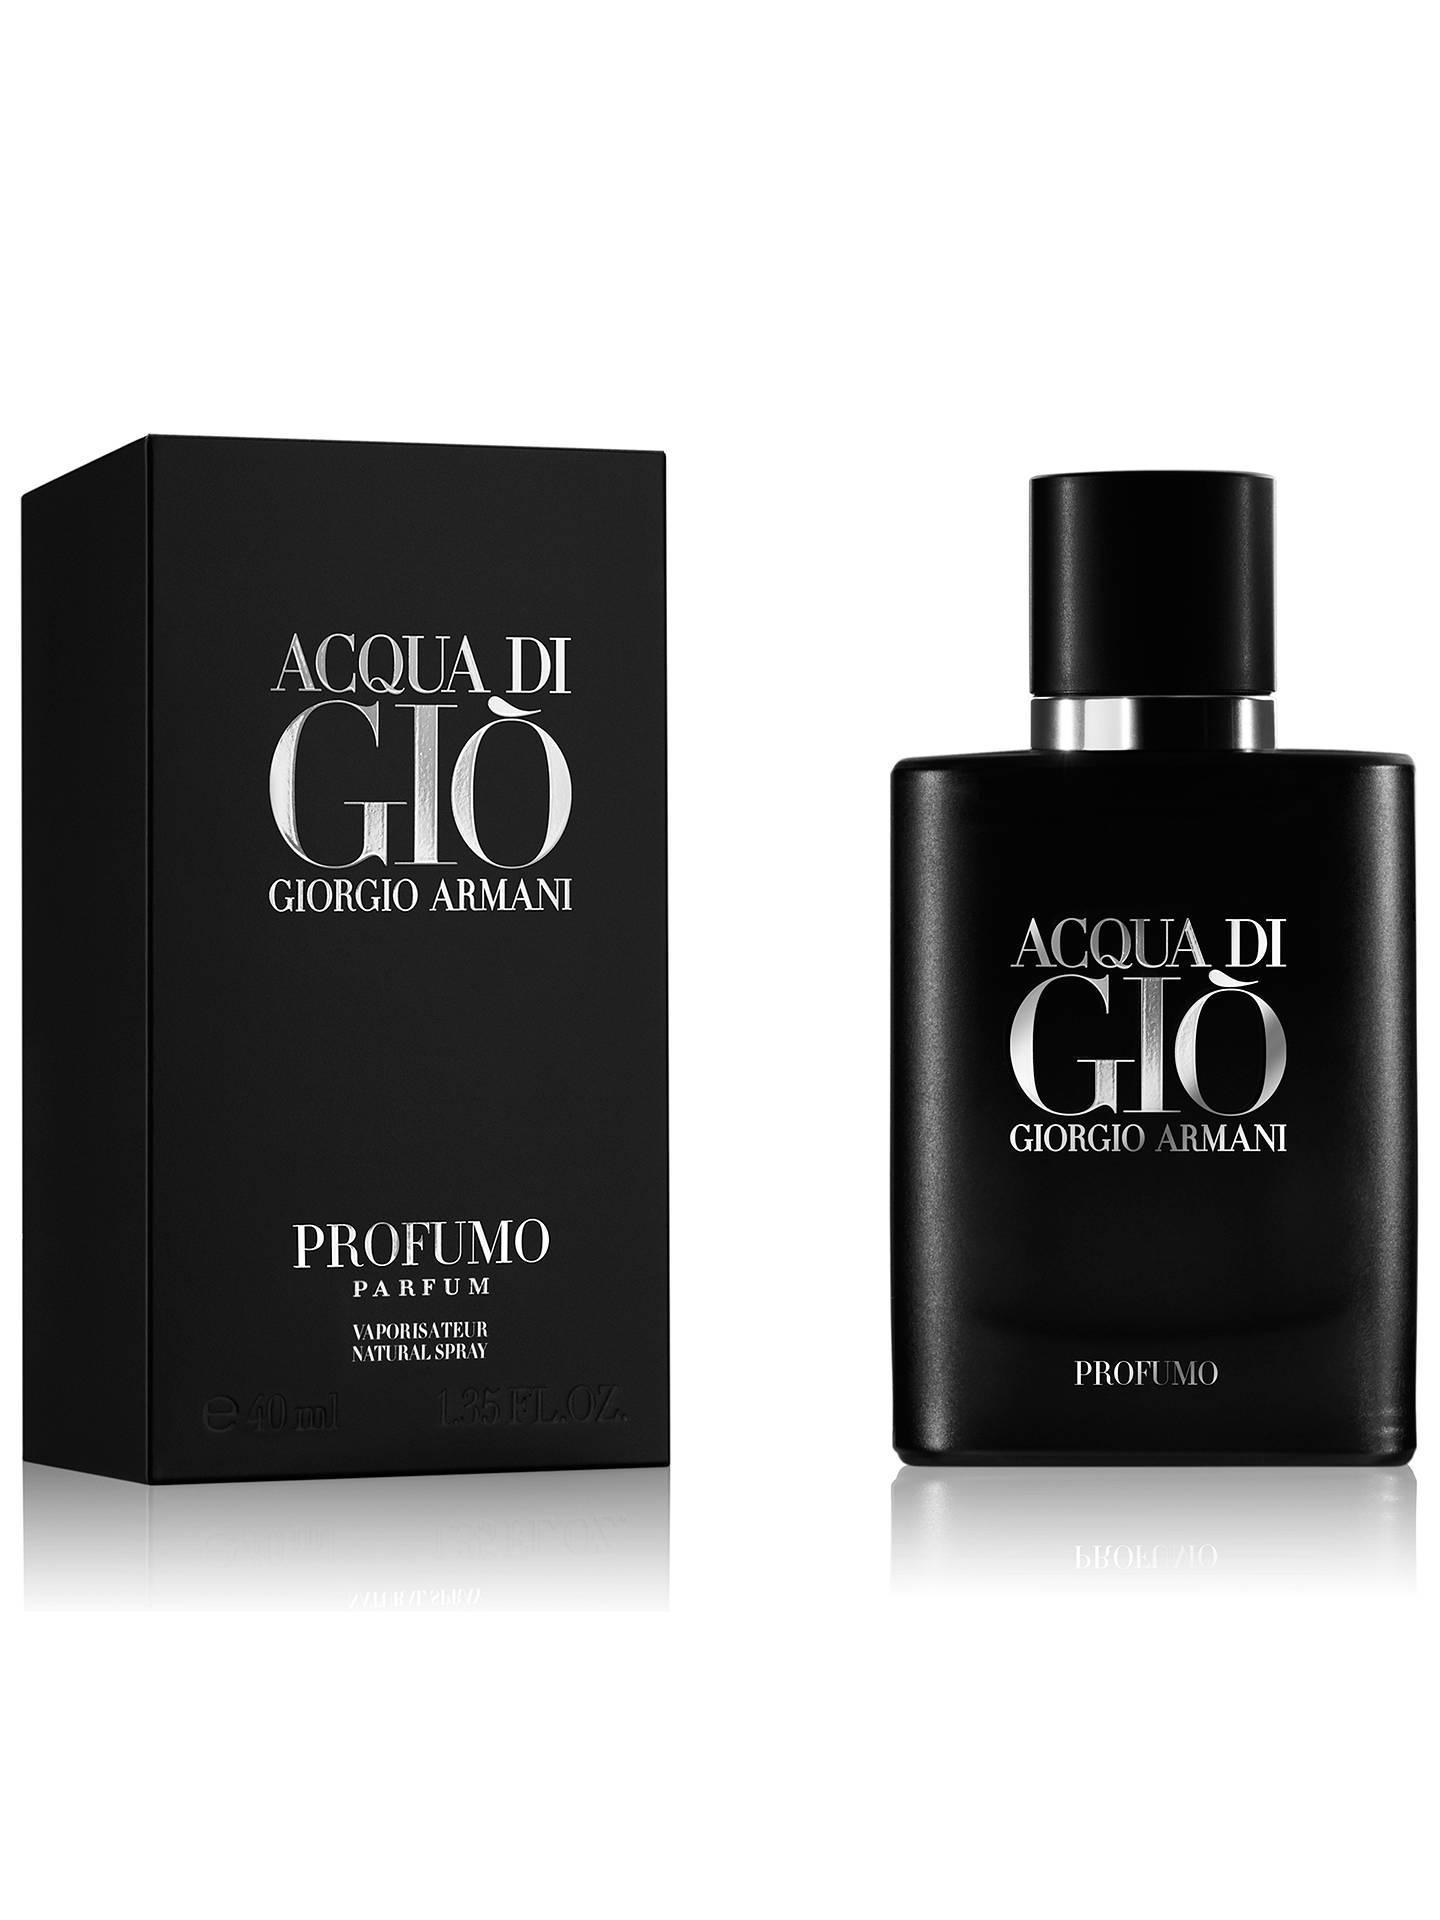 fb1a10a3e26b Giorgio Armani Acqua di Giò Homme Profumo Eau de Parfum at John ...